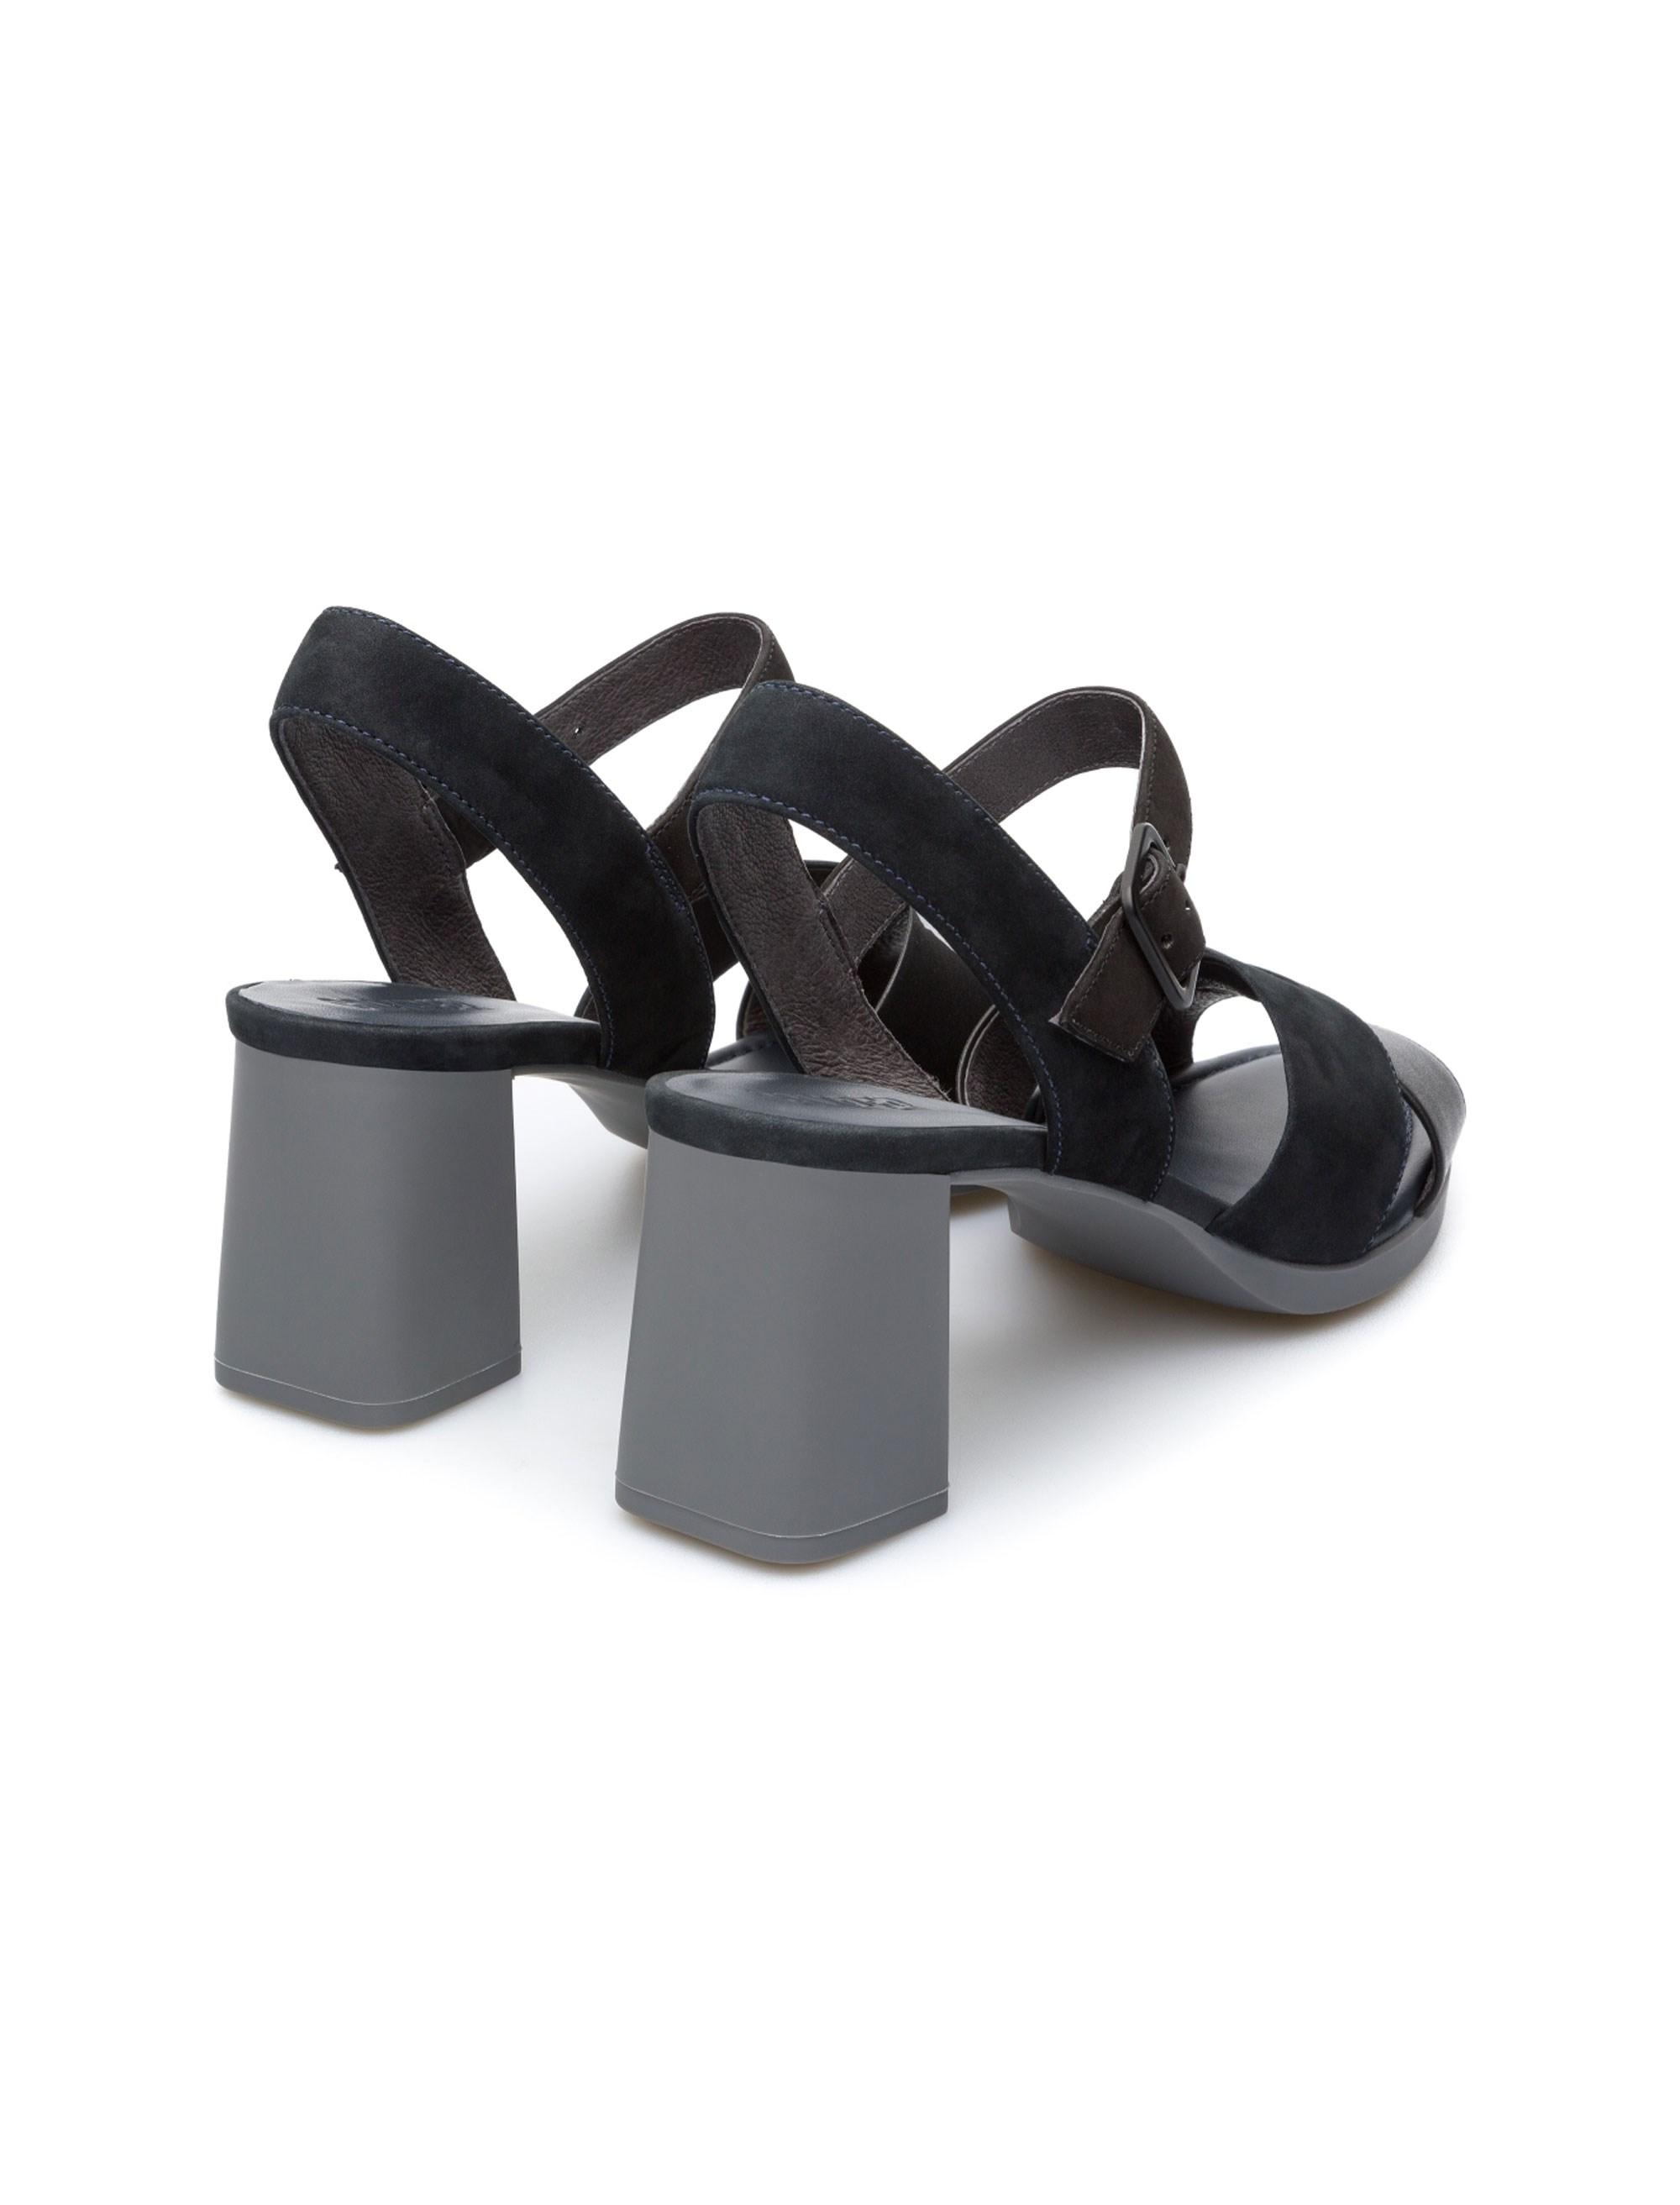 کفش پاشنه بلند چرم زنانه Kara - مشکي - 3